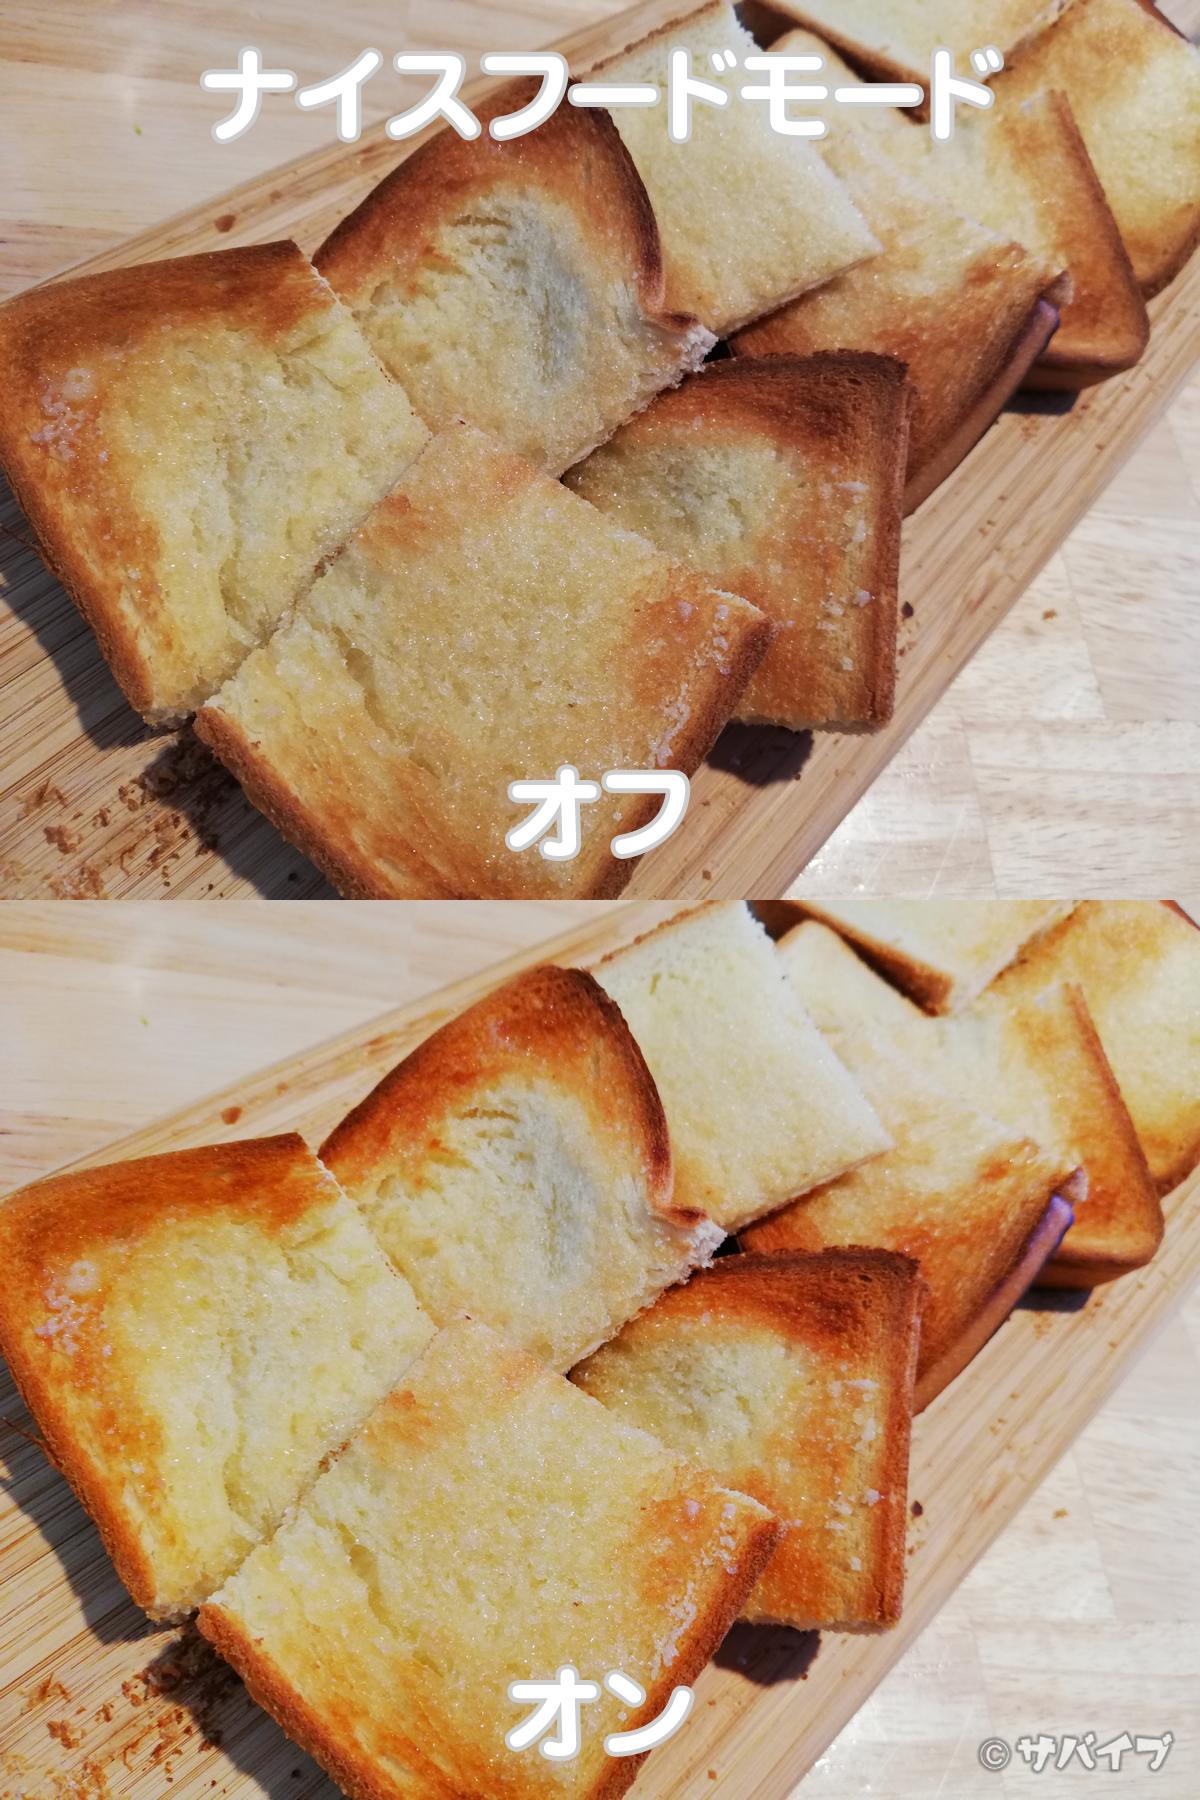 P20 liteのナイスフードモードで撮影したトースト